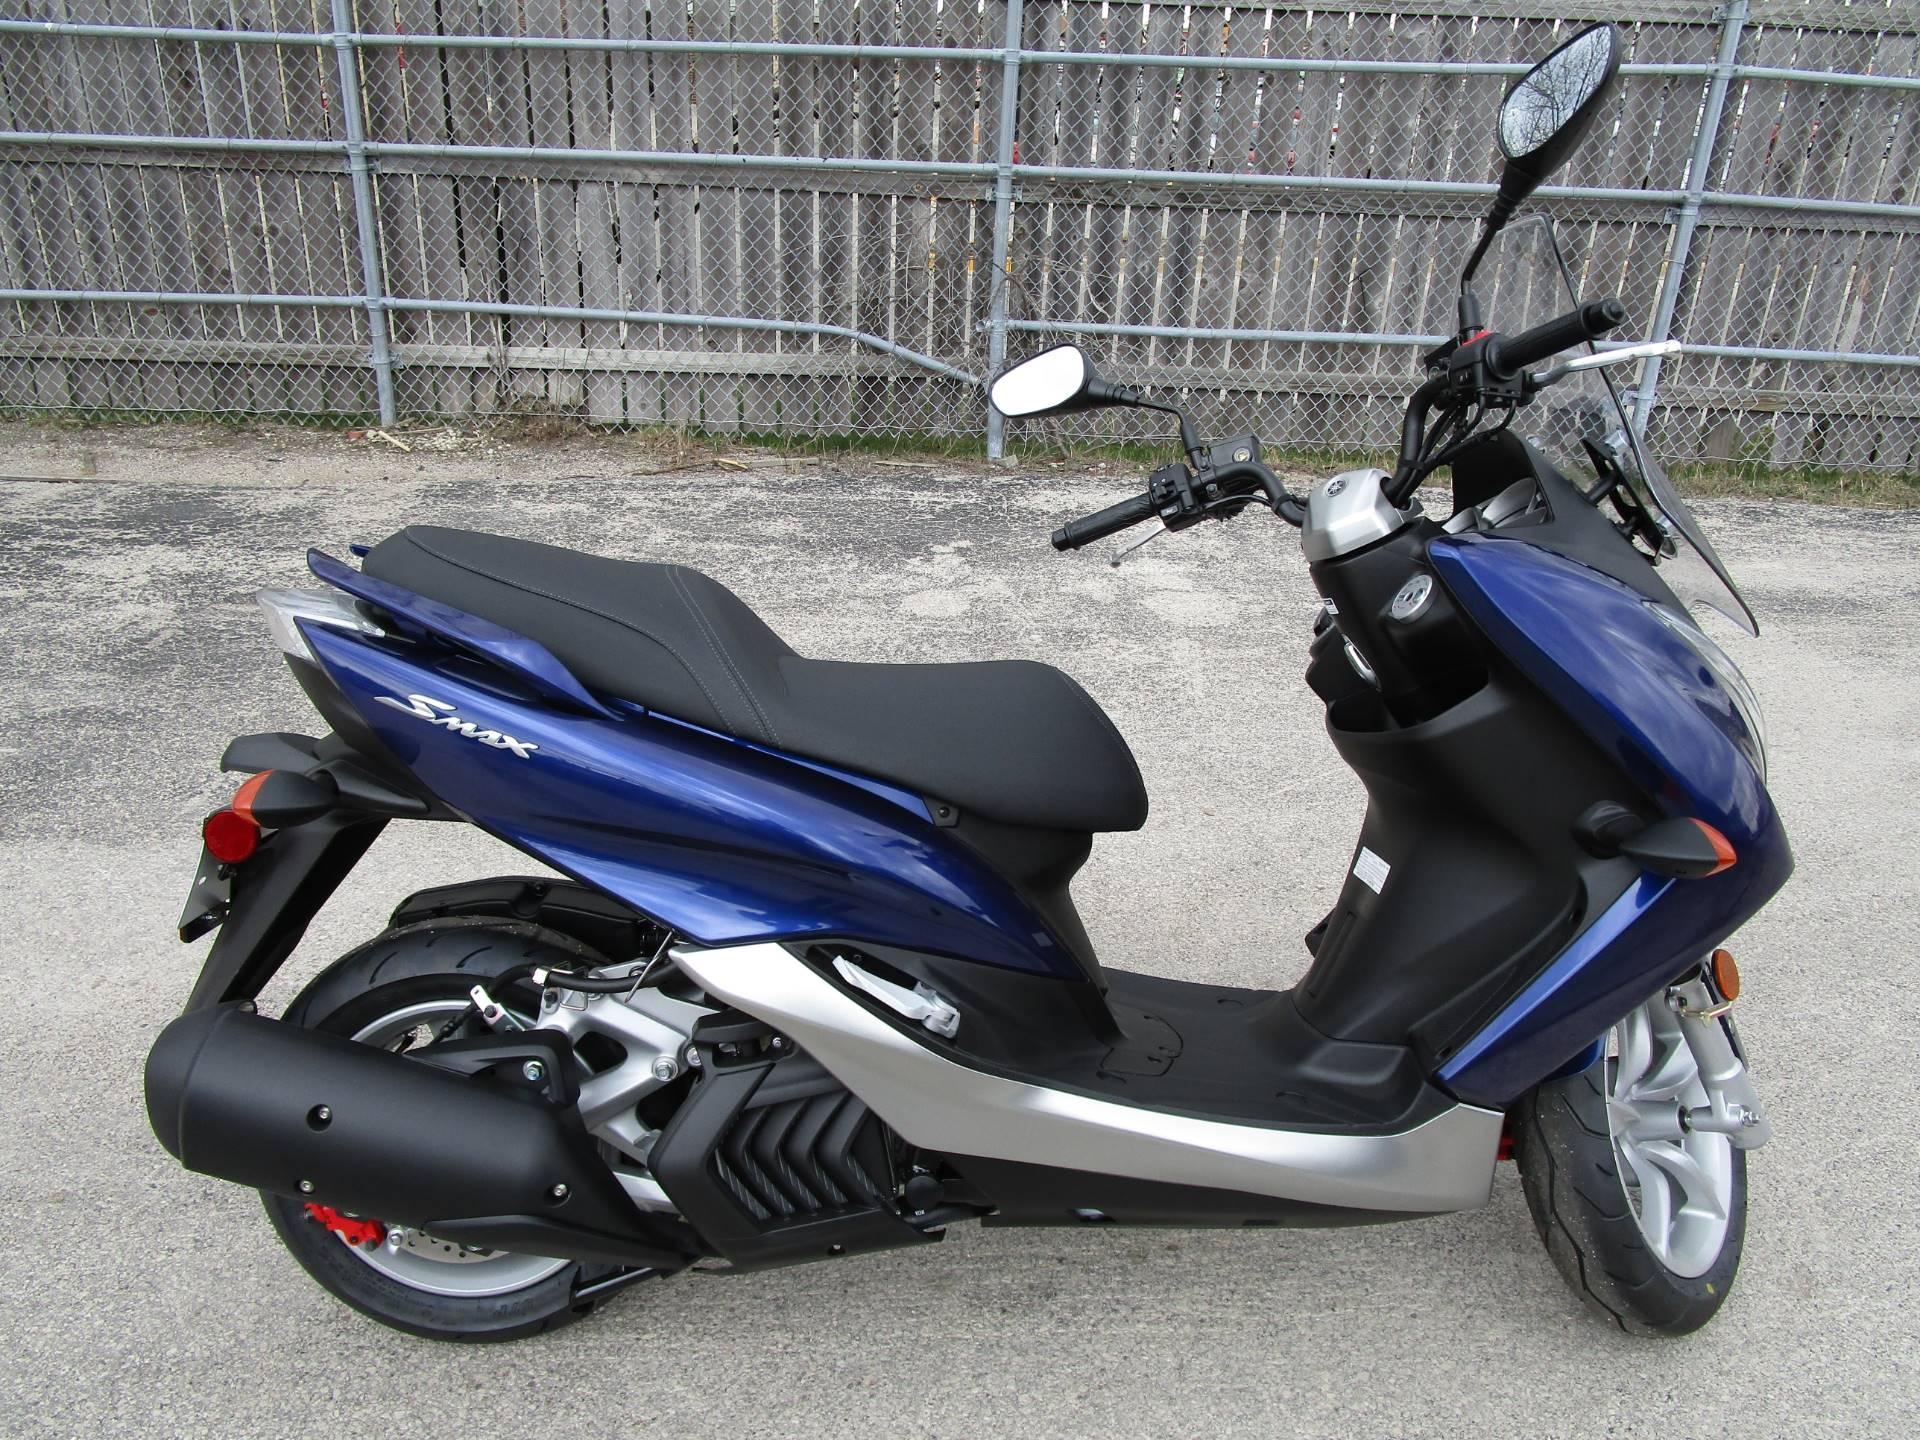 2015 Yamaha SMAX for sale 15760